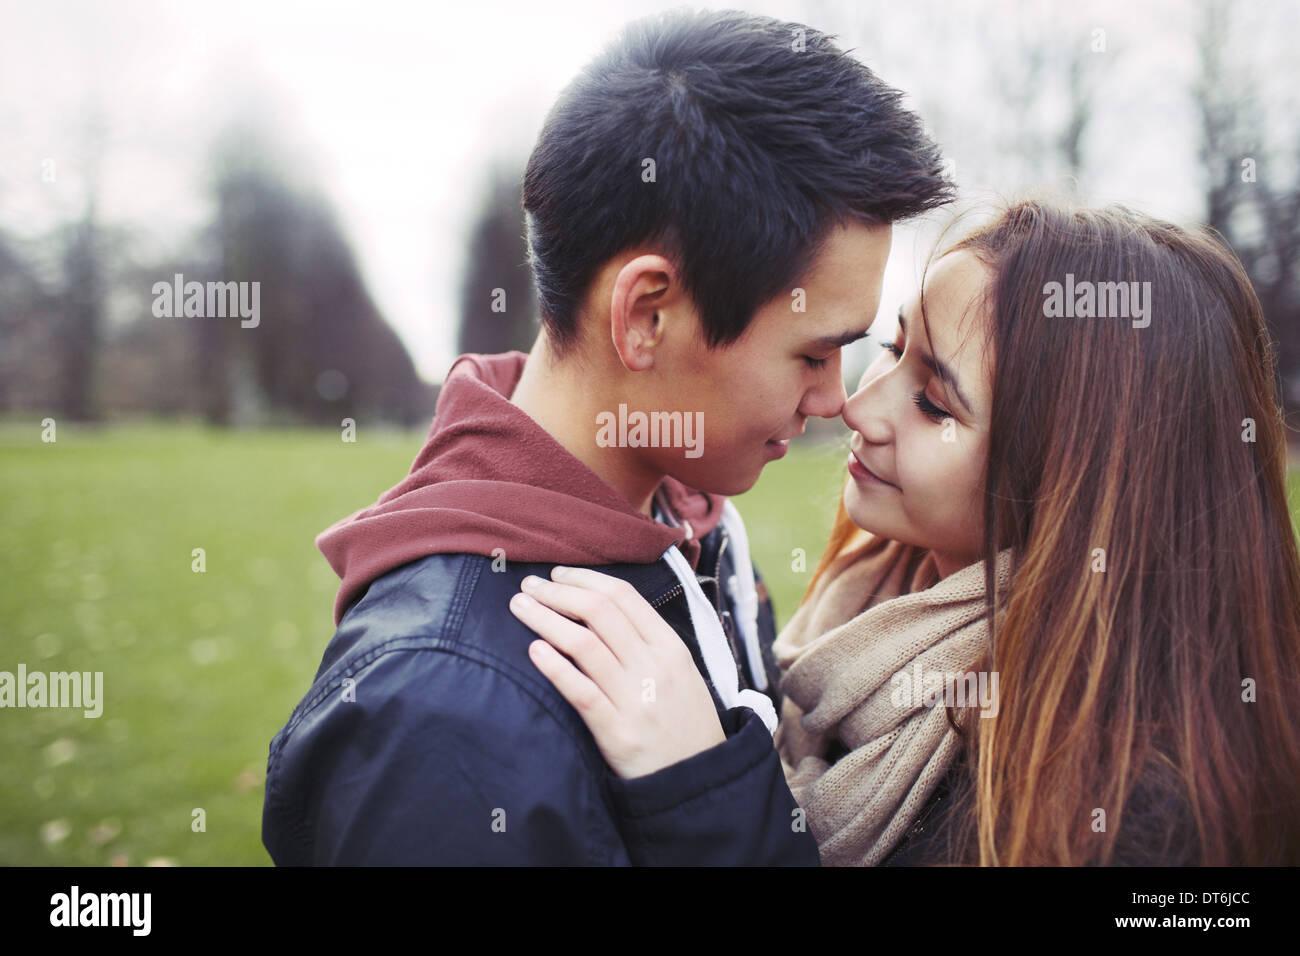 Giovane adolescente in atmosfera romantica. Affettuosa coppia giovane nel parco. Immagini Stock